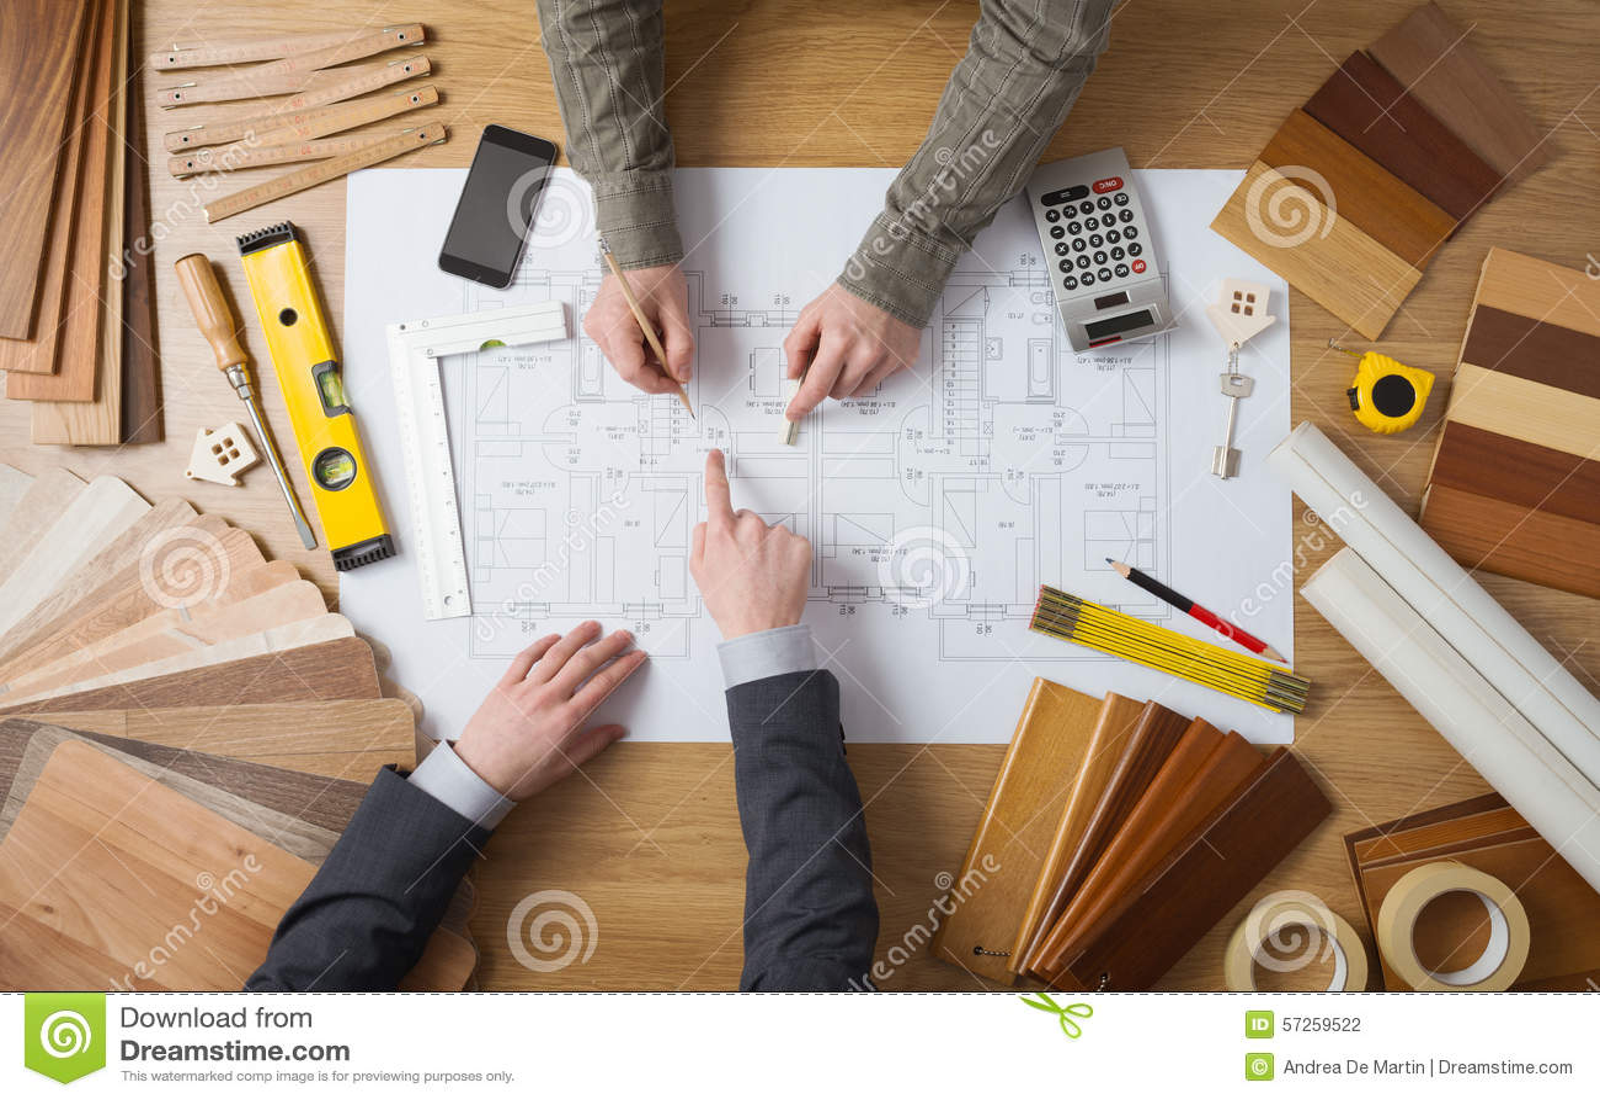 Επιχειρηματίας και μηχανικός κατασκευής που εργάζονται από κοινού